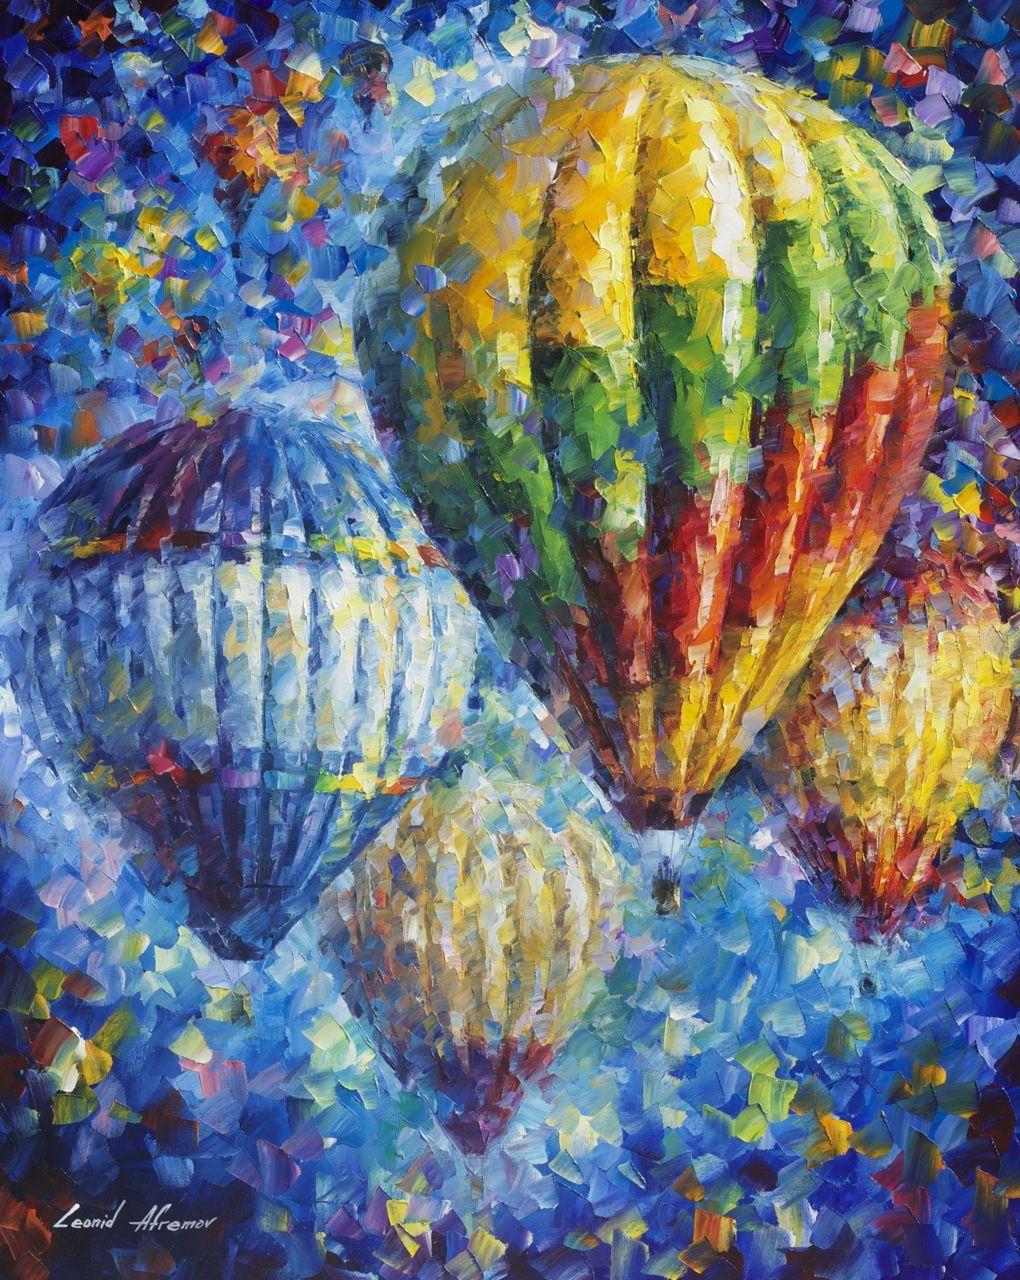 Leonid Afremov - Hőlégballonok